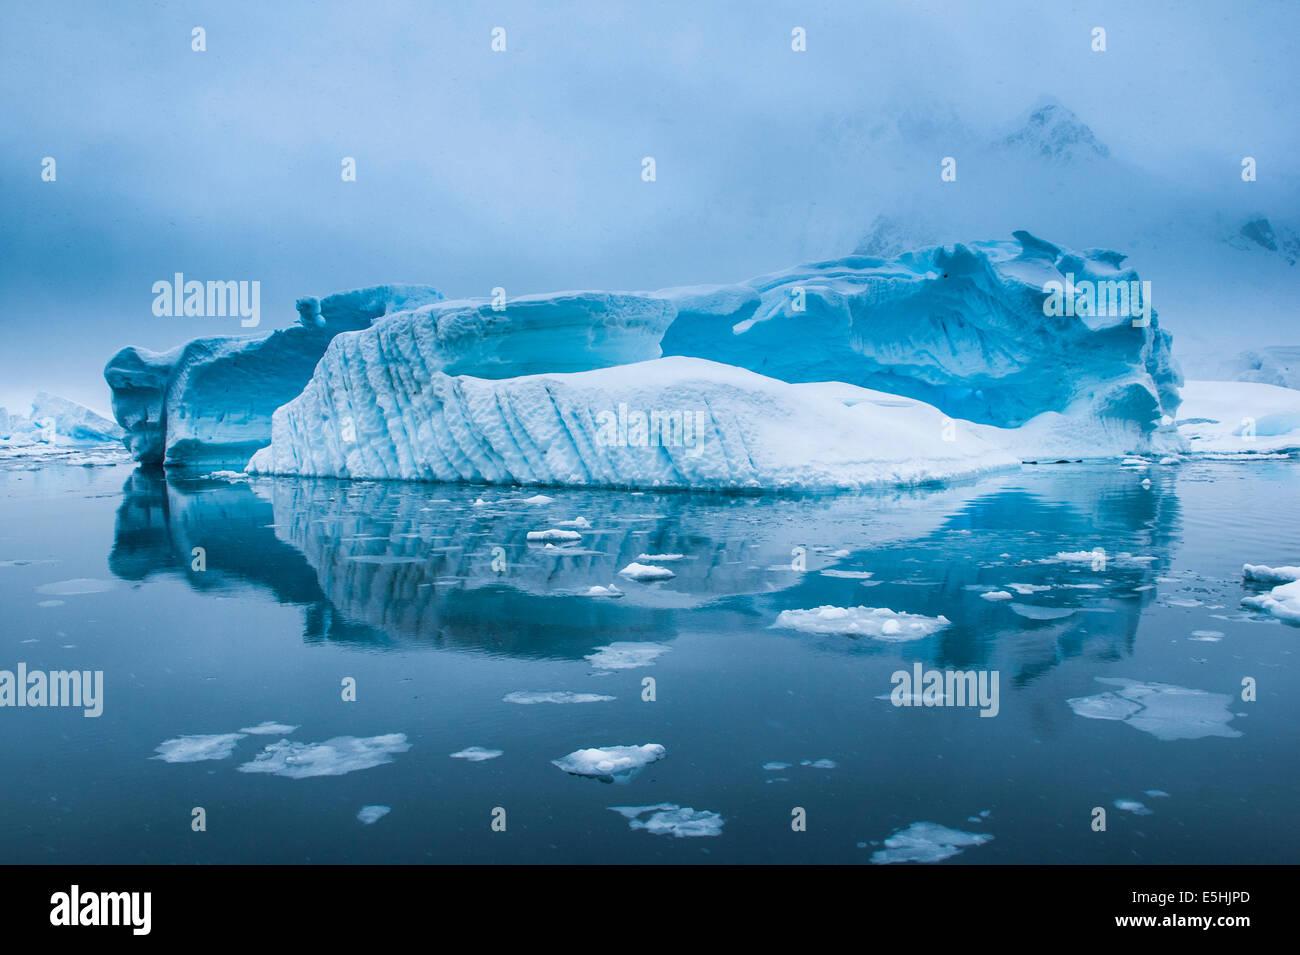 Iceberg dans l'Antarctique, les eaux de l'Antarctique, l'île de l'entreprise Photo Stock